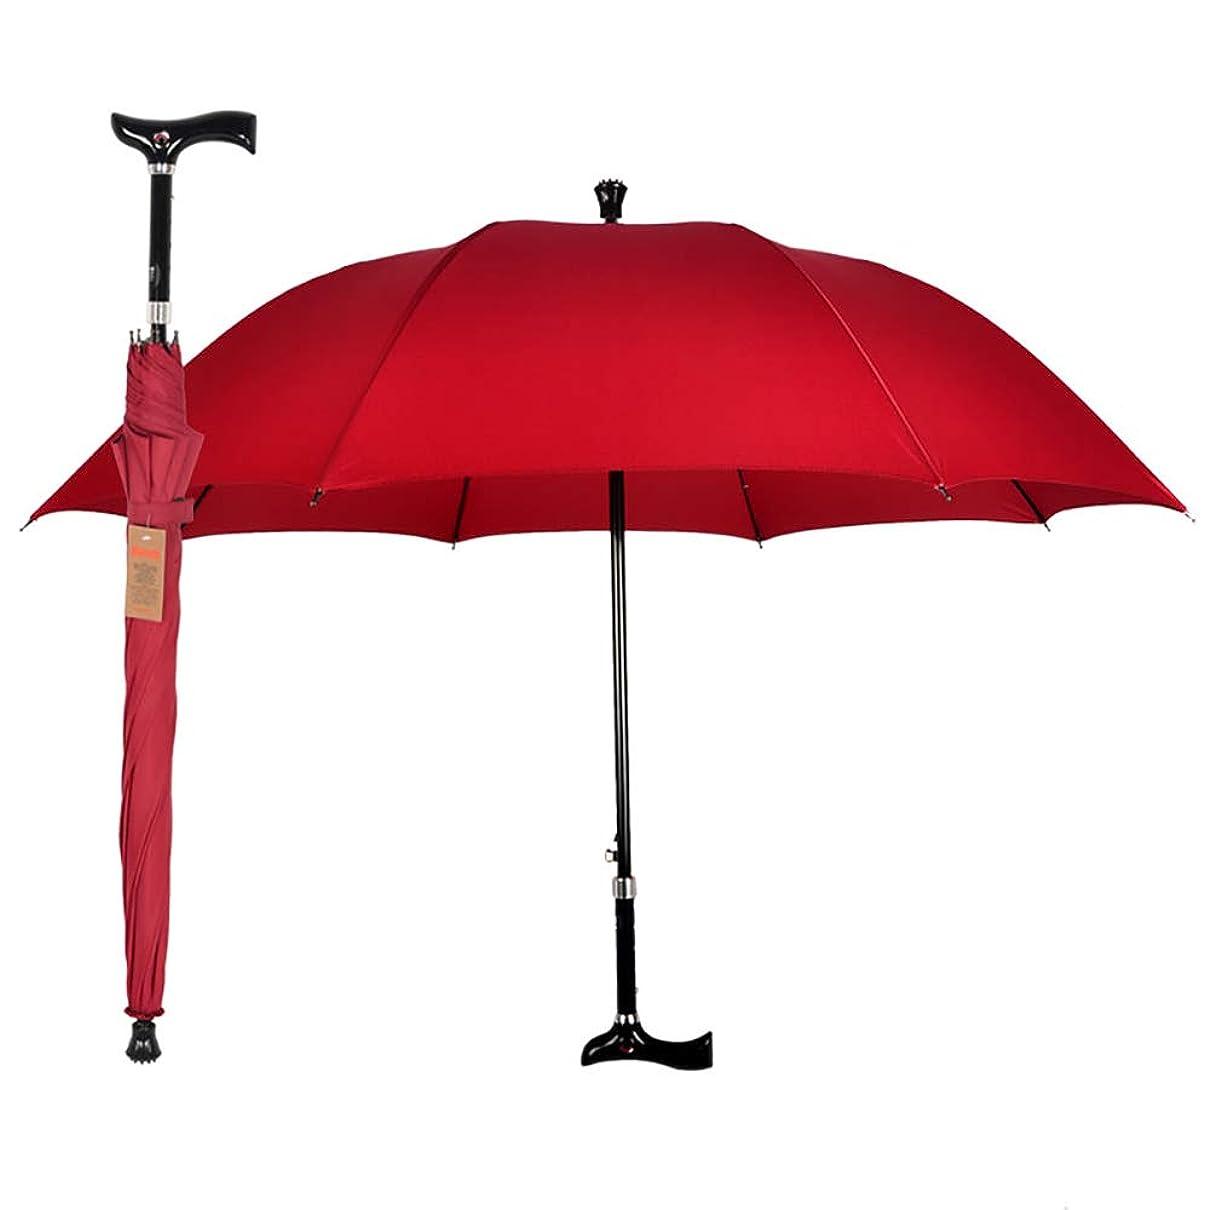 急速なマッシュレインコートSontu 松葉杖傘 ステッキ傘 歩行杖傘 二合一 2-in-1長傘 5段階高さ調整可能 アウトドア スキッド機能付き 登山傘 滑り防止 アンチスリップ 梅雨対策 超撥水 防風 安全警告灯付き 老人 高齢者に プレゼント 贈り物 ギフト 軽量1.12kg (ワインレッド)